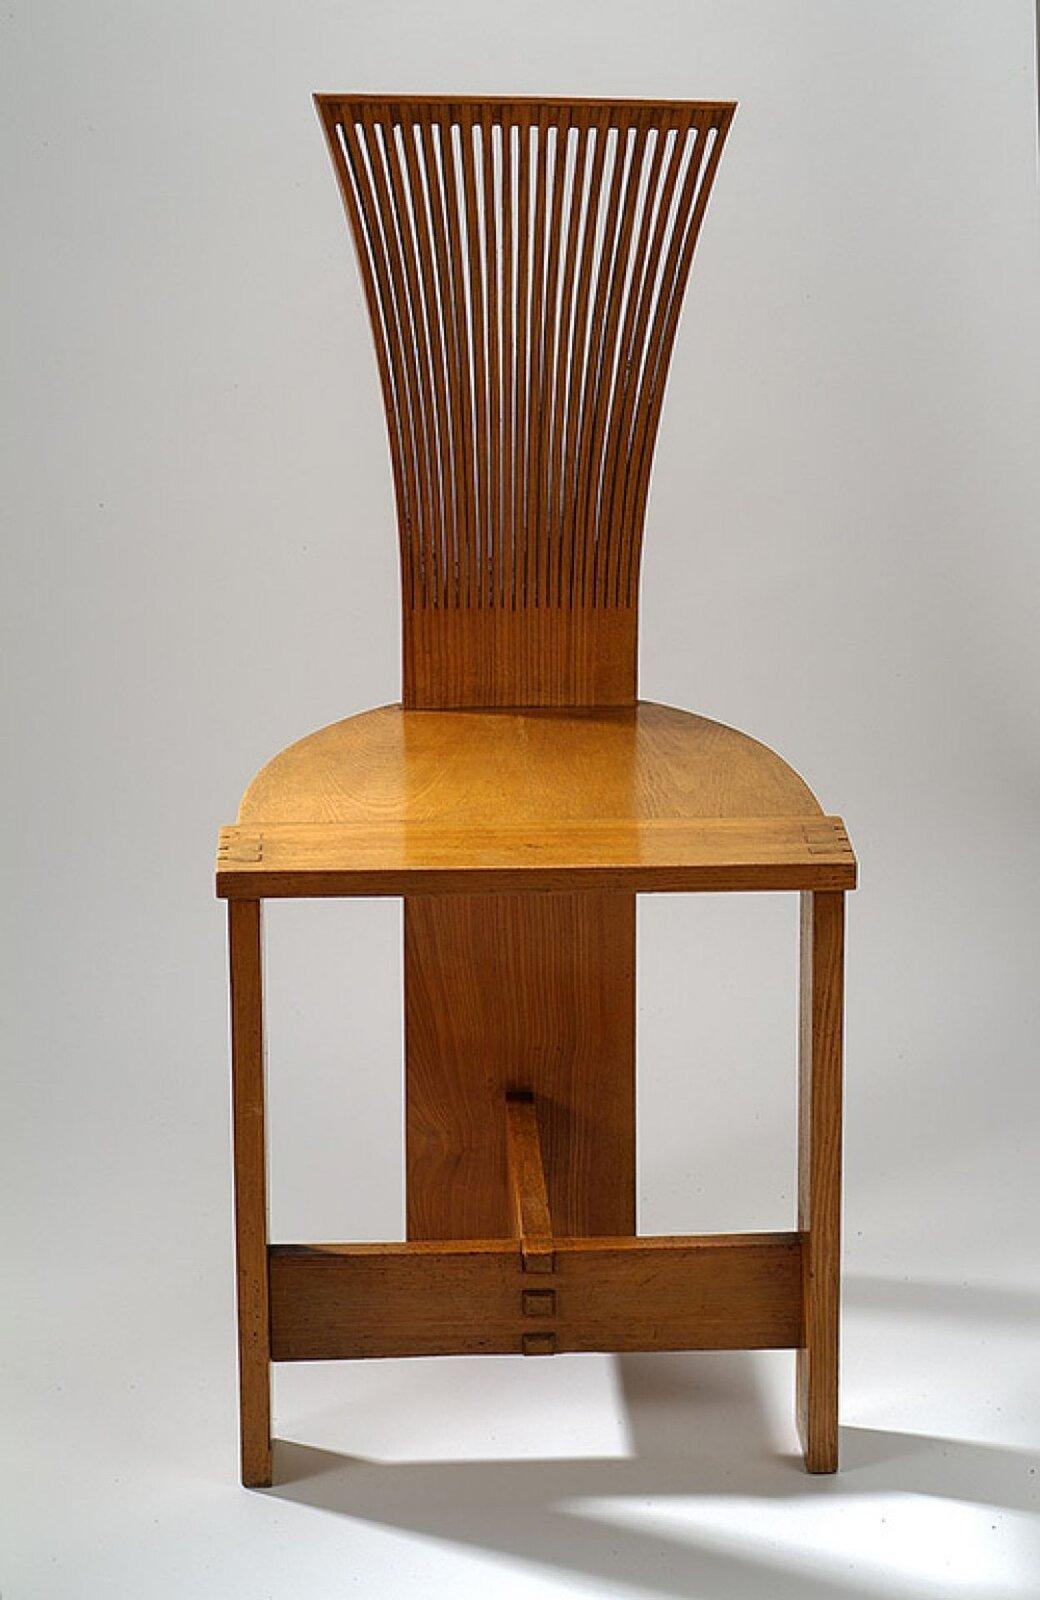 """Ilustracja przedstawia projekt Jana Kurzątkowskiego pt. """"Krzesło Piórka"""". Krzesło jest wykonane zdrewna ojasno brązowym kolorze. Oparcie wygląda jakby było zrobione zcienkich listewek szersze ugóry, awęższe przy części do siedzenia. Oparcie chodzi aż do ziemi stanowiąc trzecią nogę krzesła. Udołu pod częścią do siedzenia są dwie prostopadle do siebie połączone deski stanowiące umocnienie konstrukcji krzesła."""